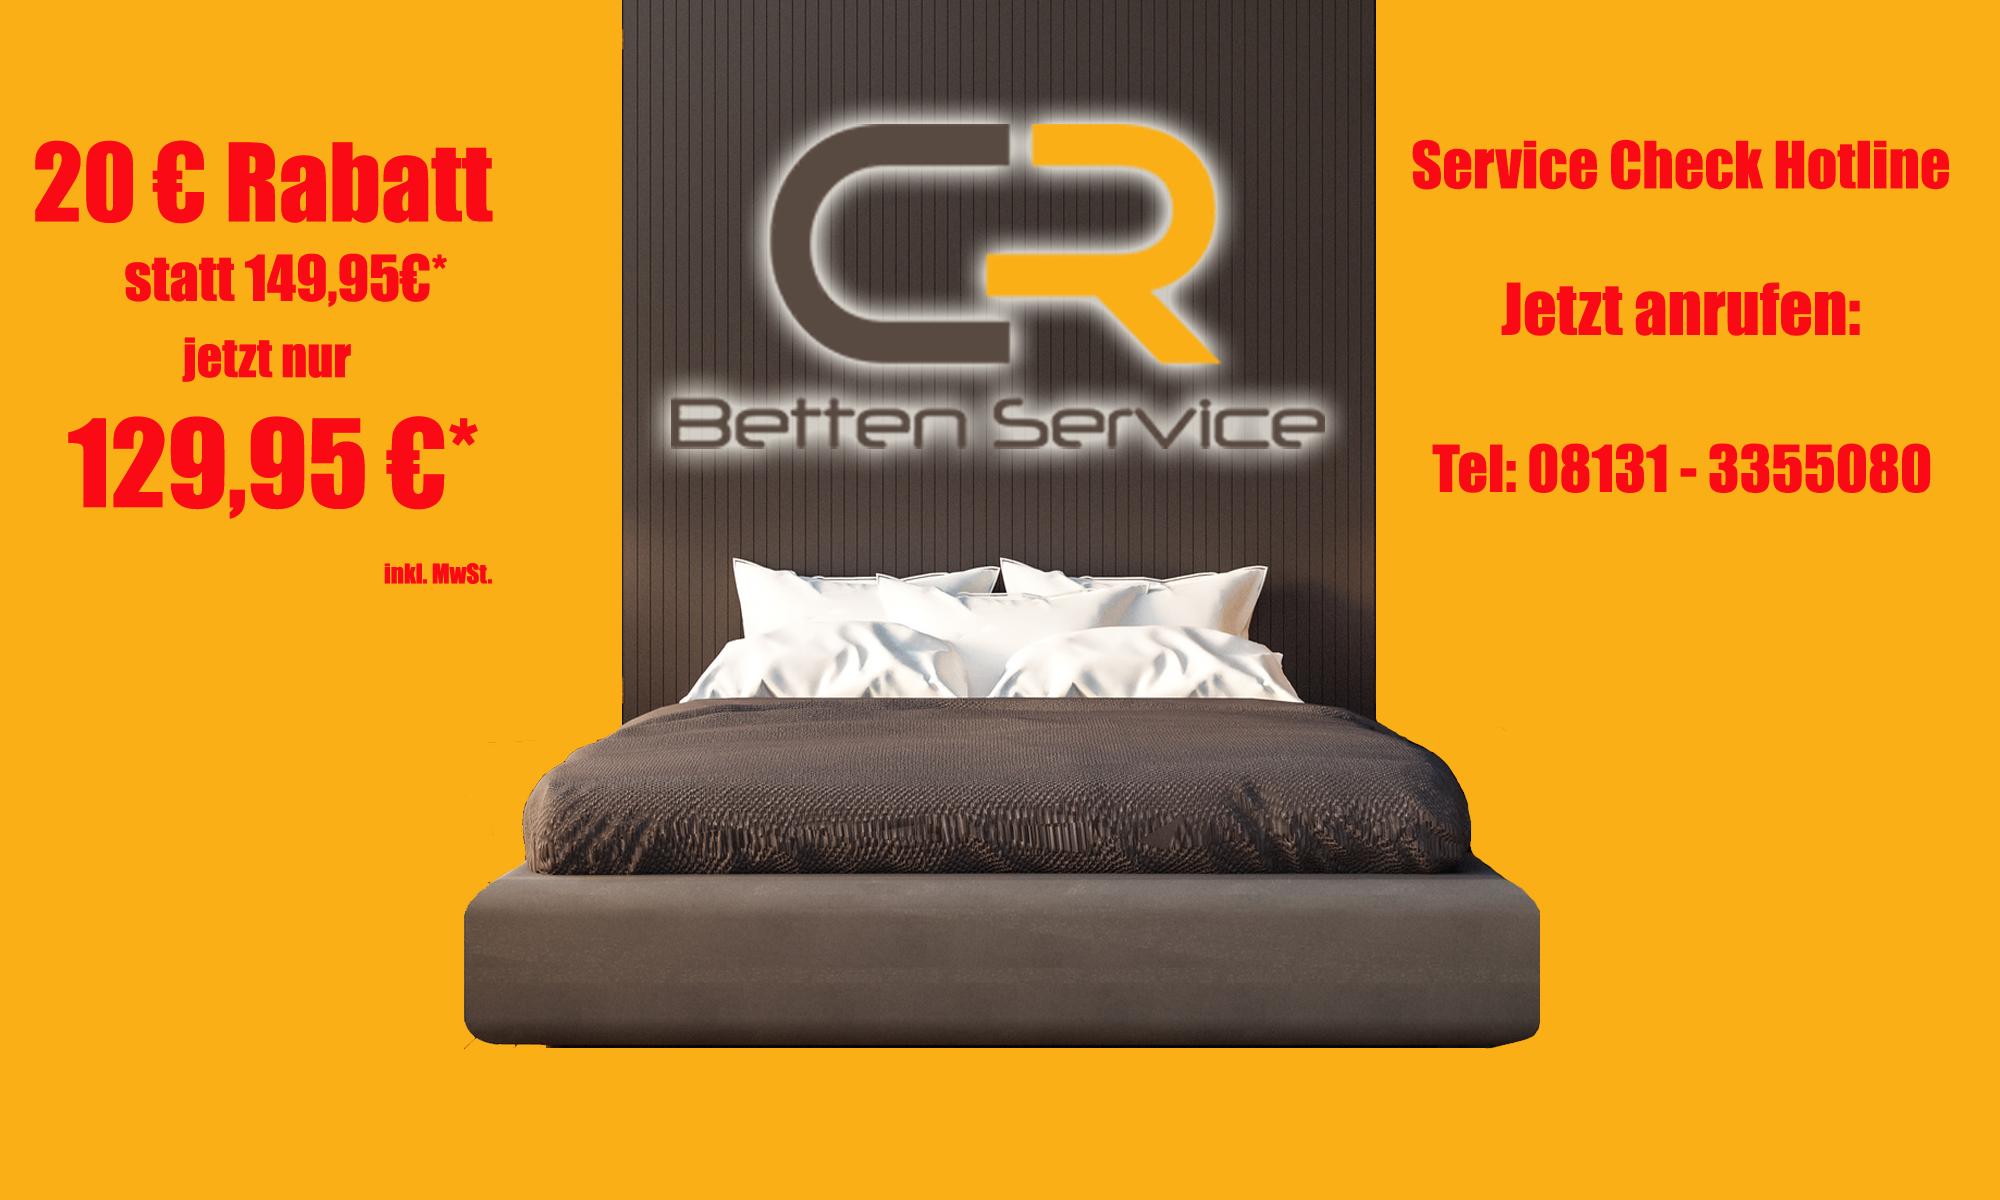 www.betten-service.de